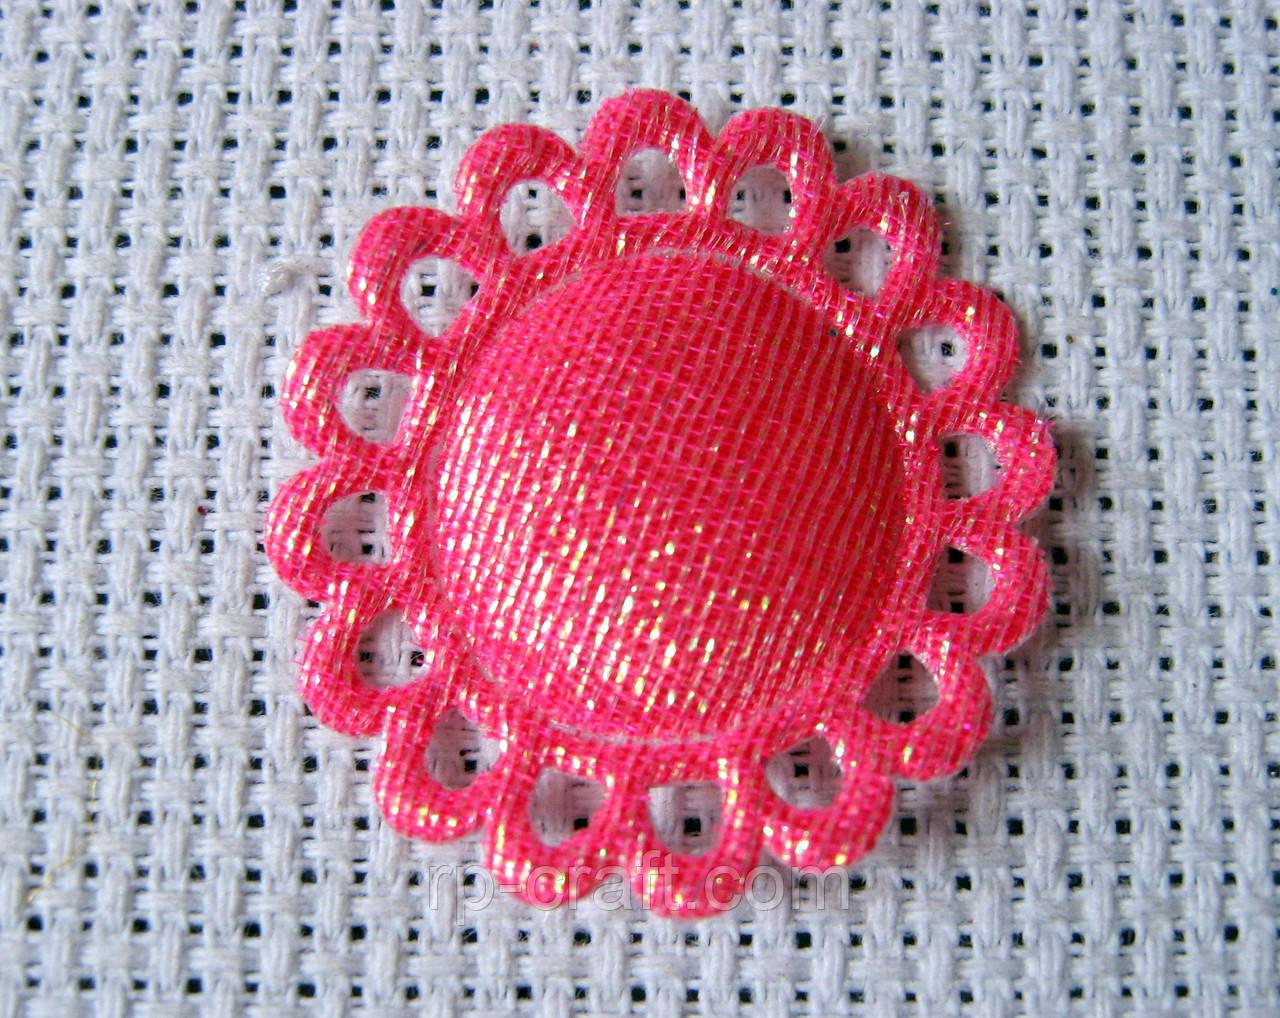 Аппликация пришивная,  круг ажурный, ярко-розовый